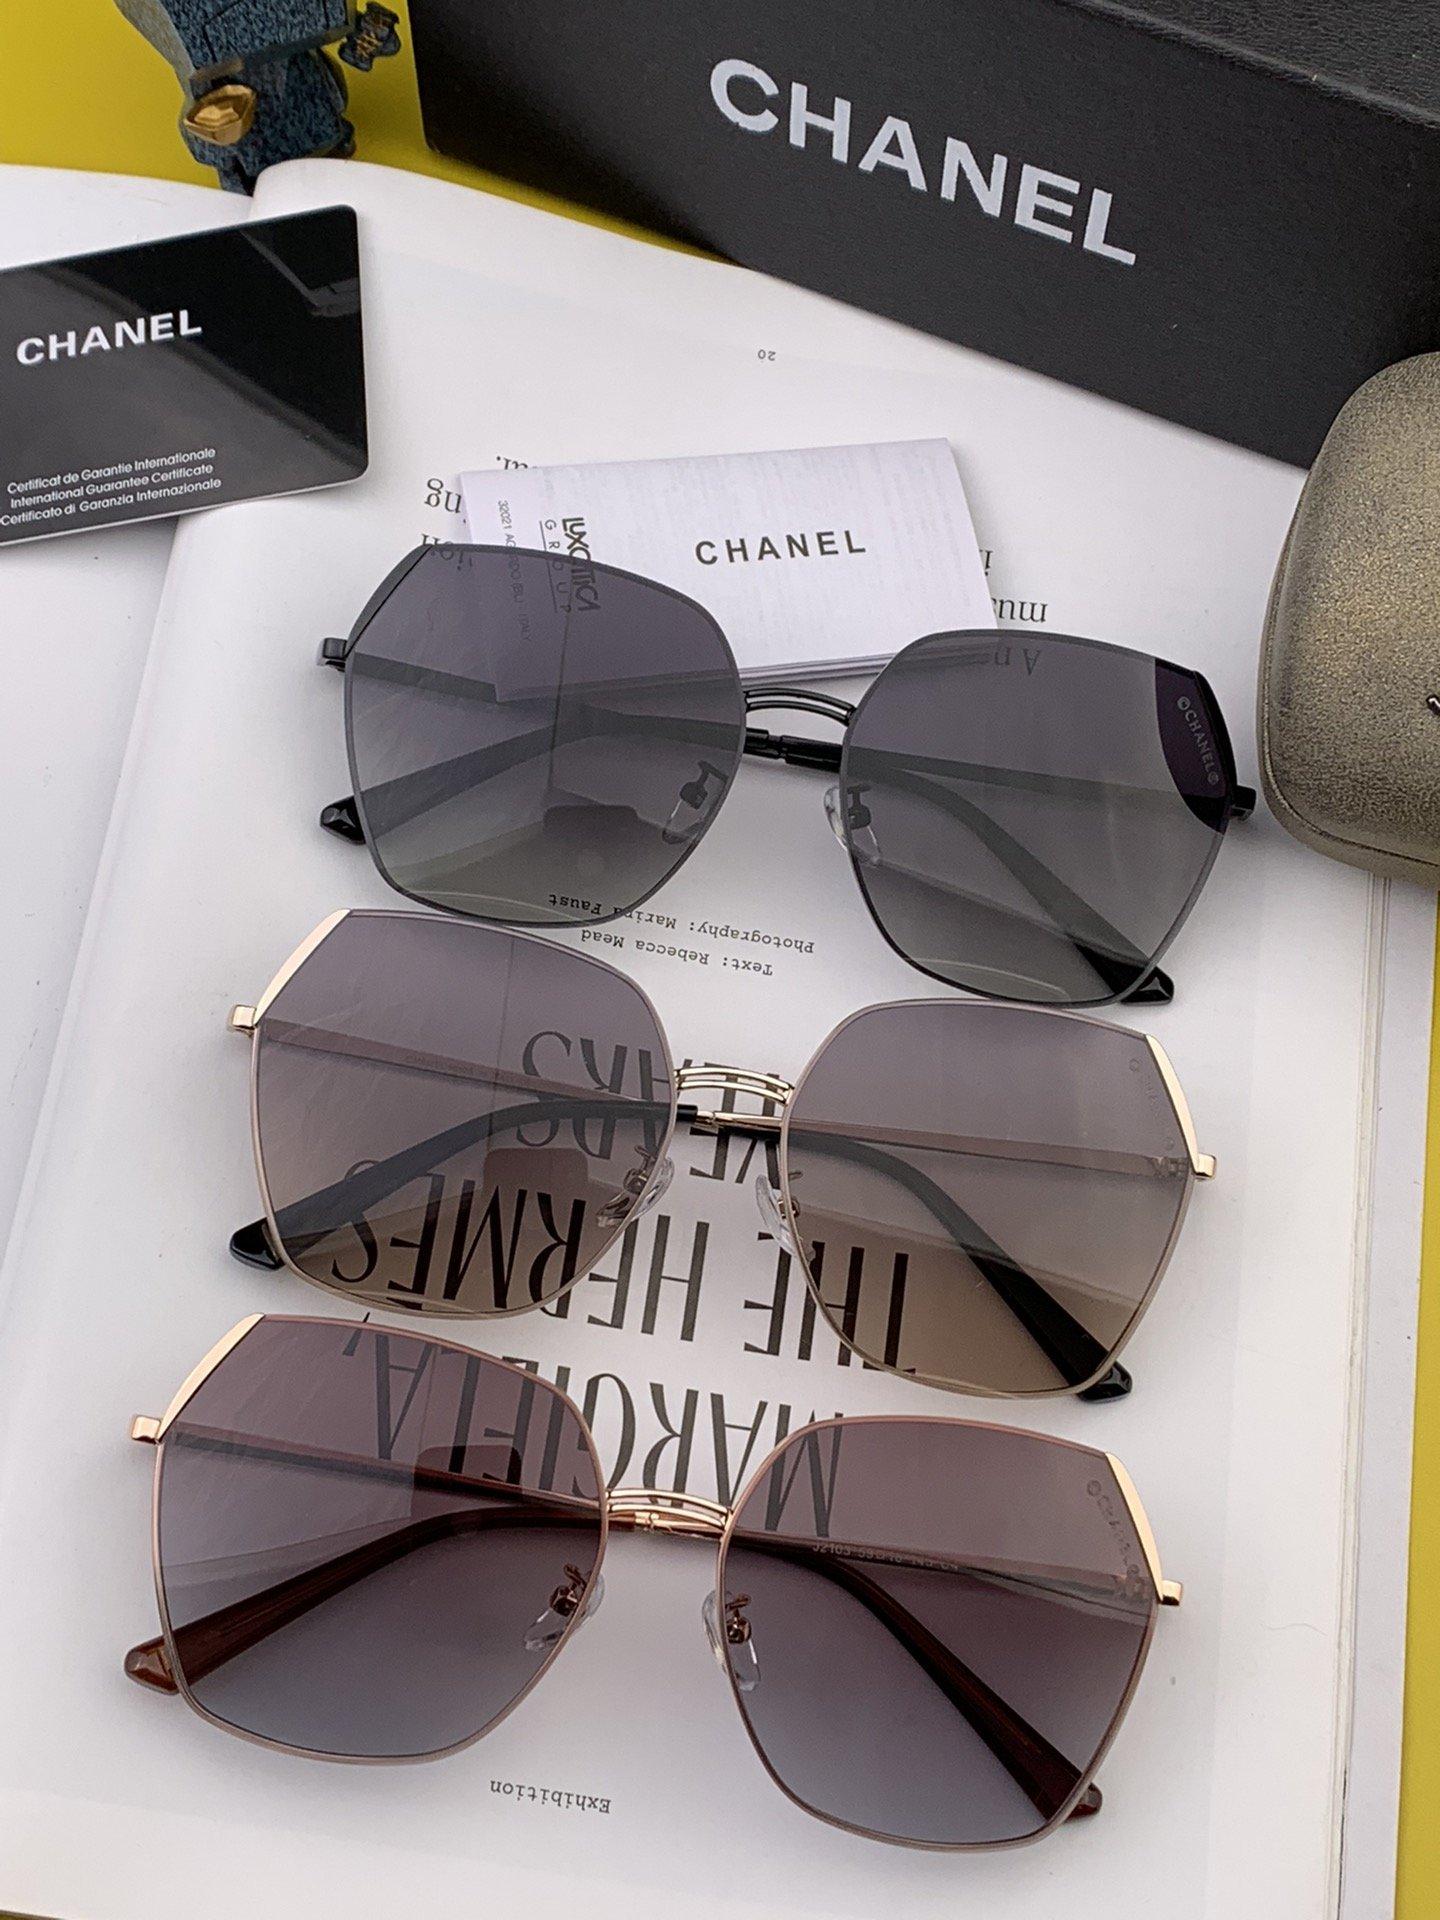 CHANEL香奈儿新款尼龙偏光太眼镜